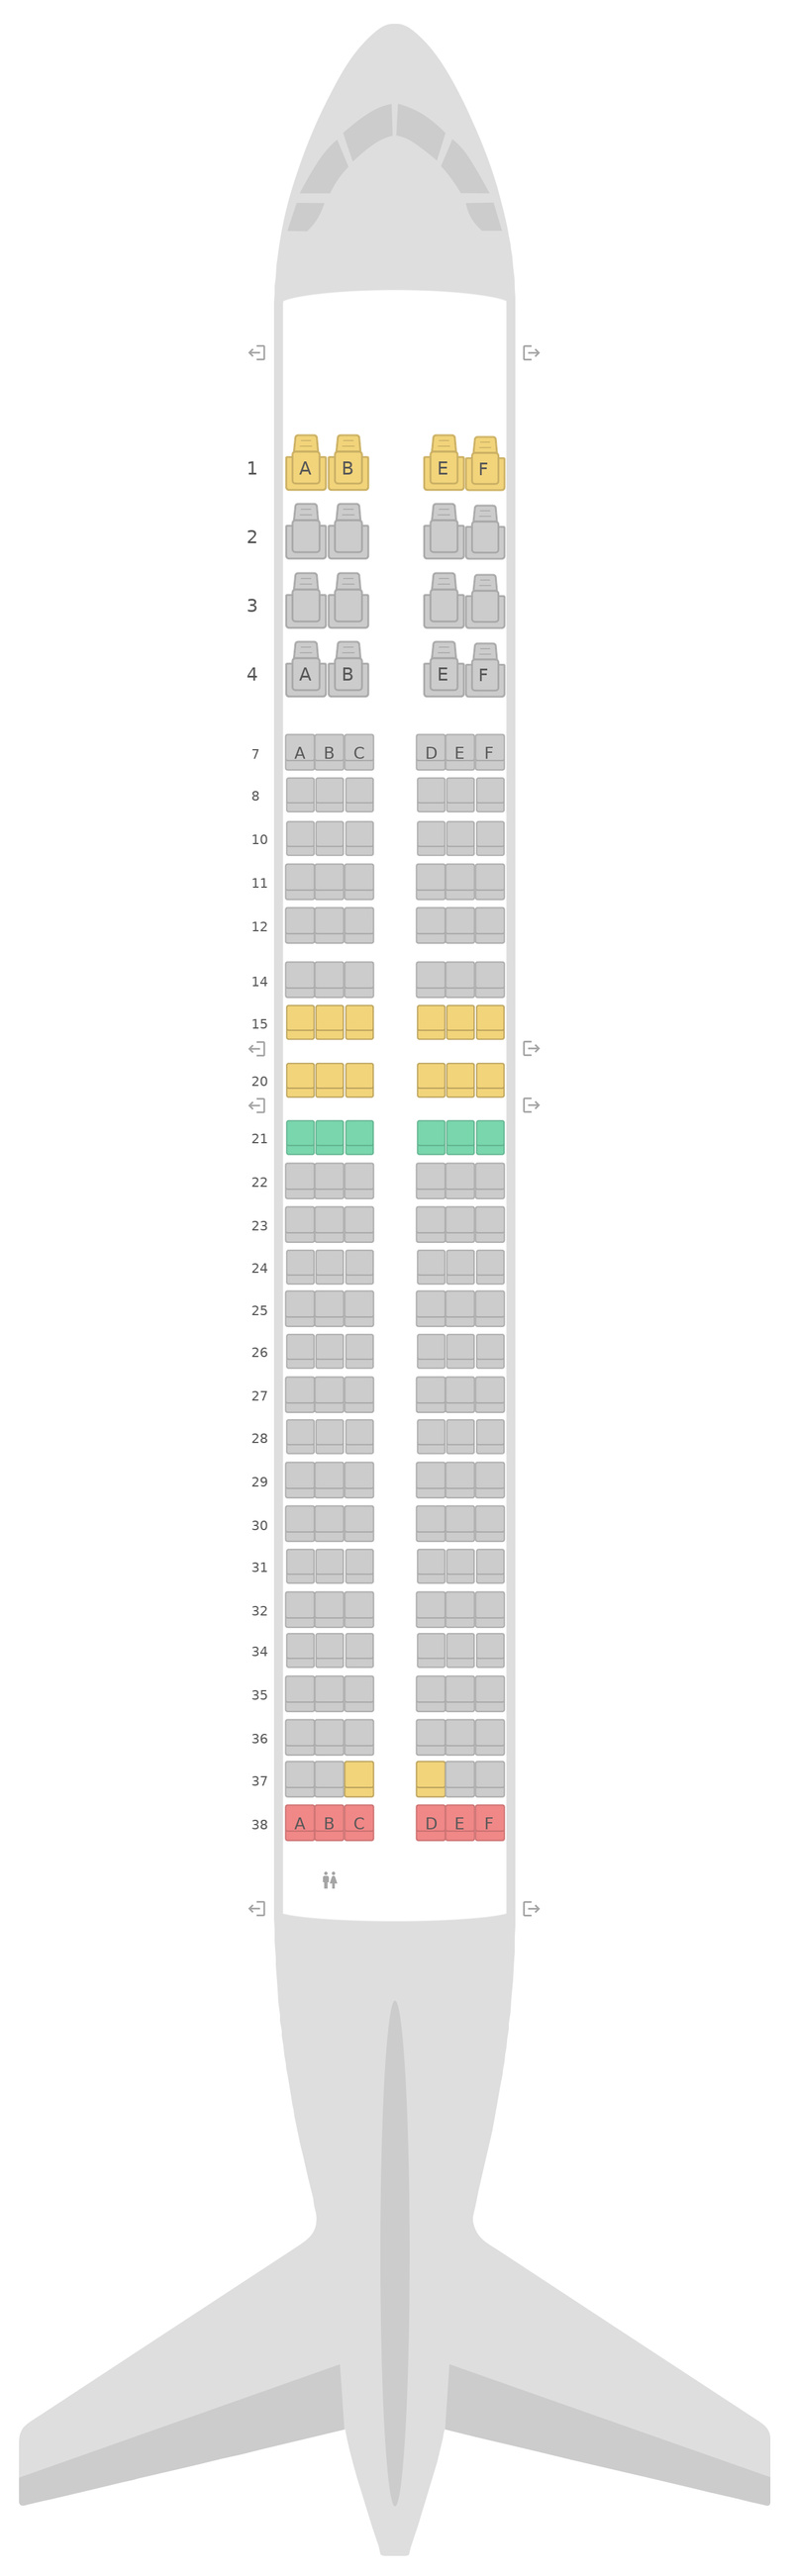 Mapa de asientos Boeing 737-800 (738) v3 United